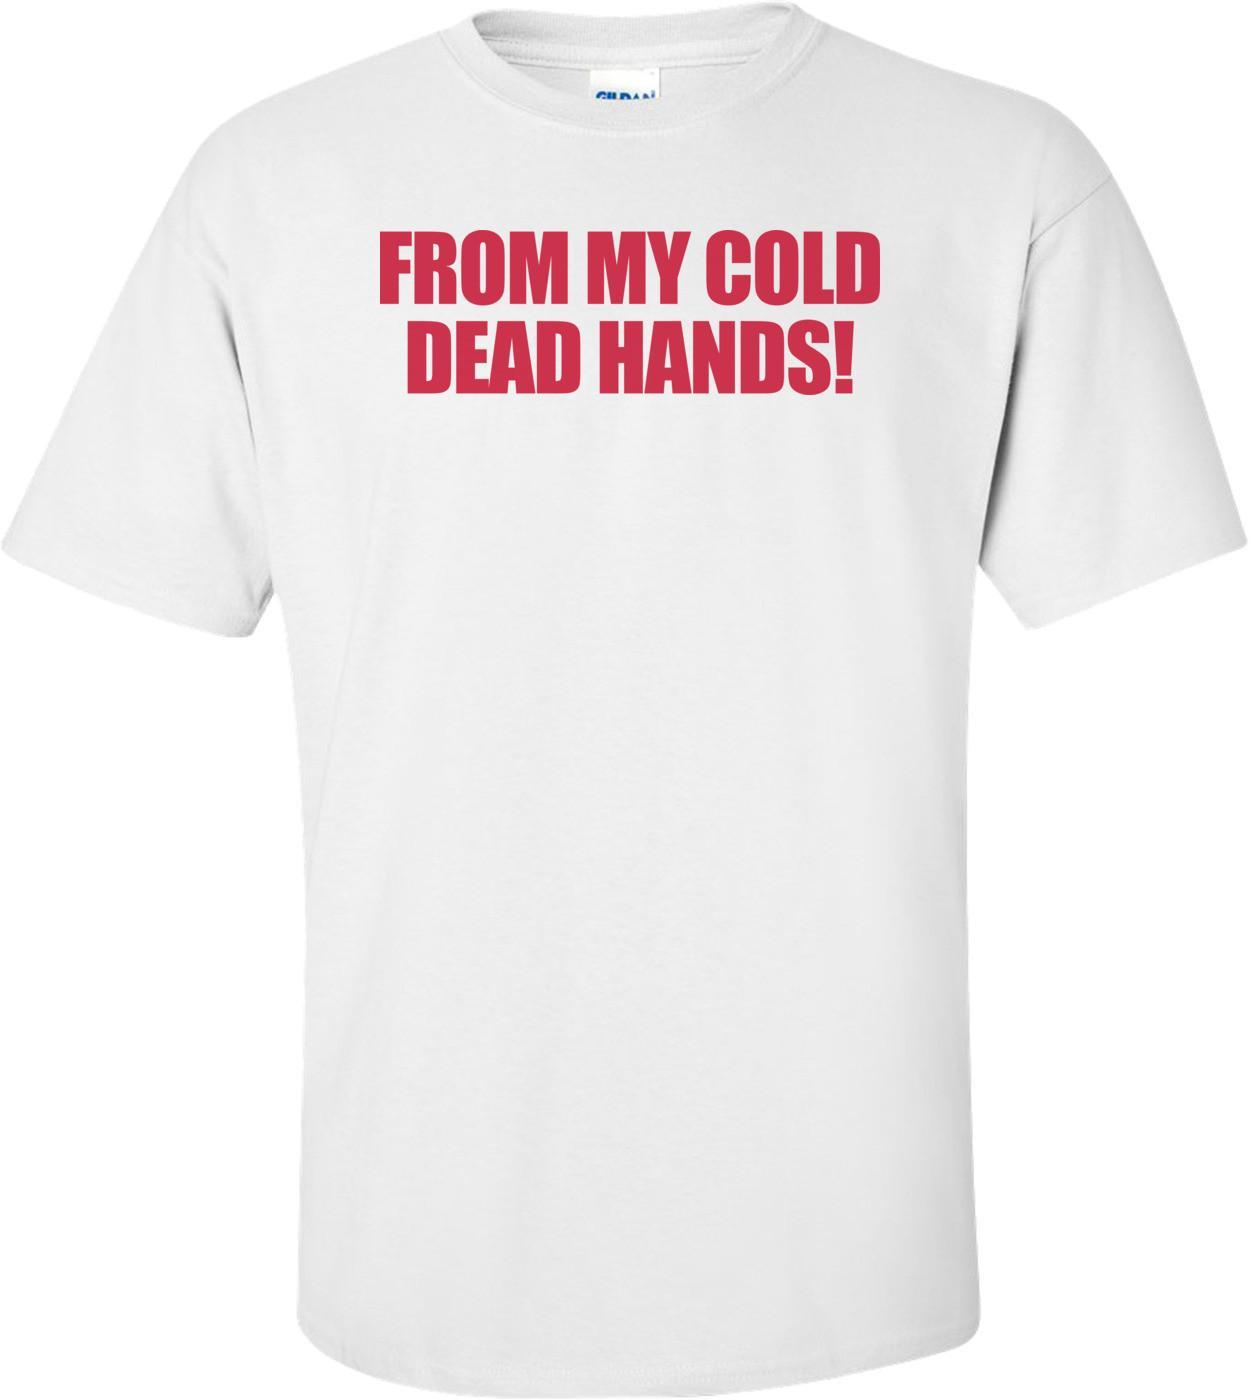 From My Cold Dead Hands Pro-gun T-shirt